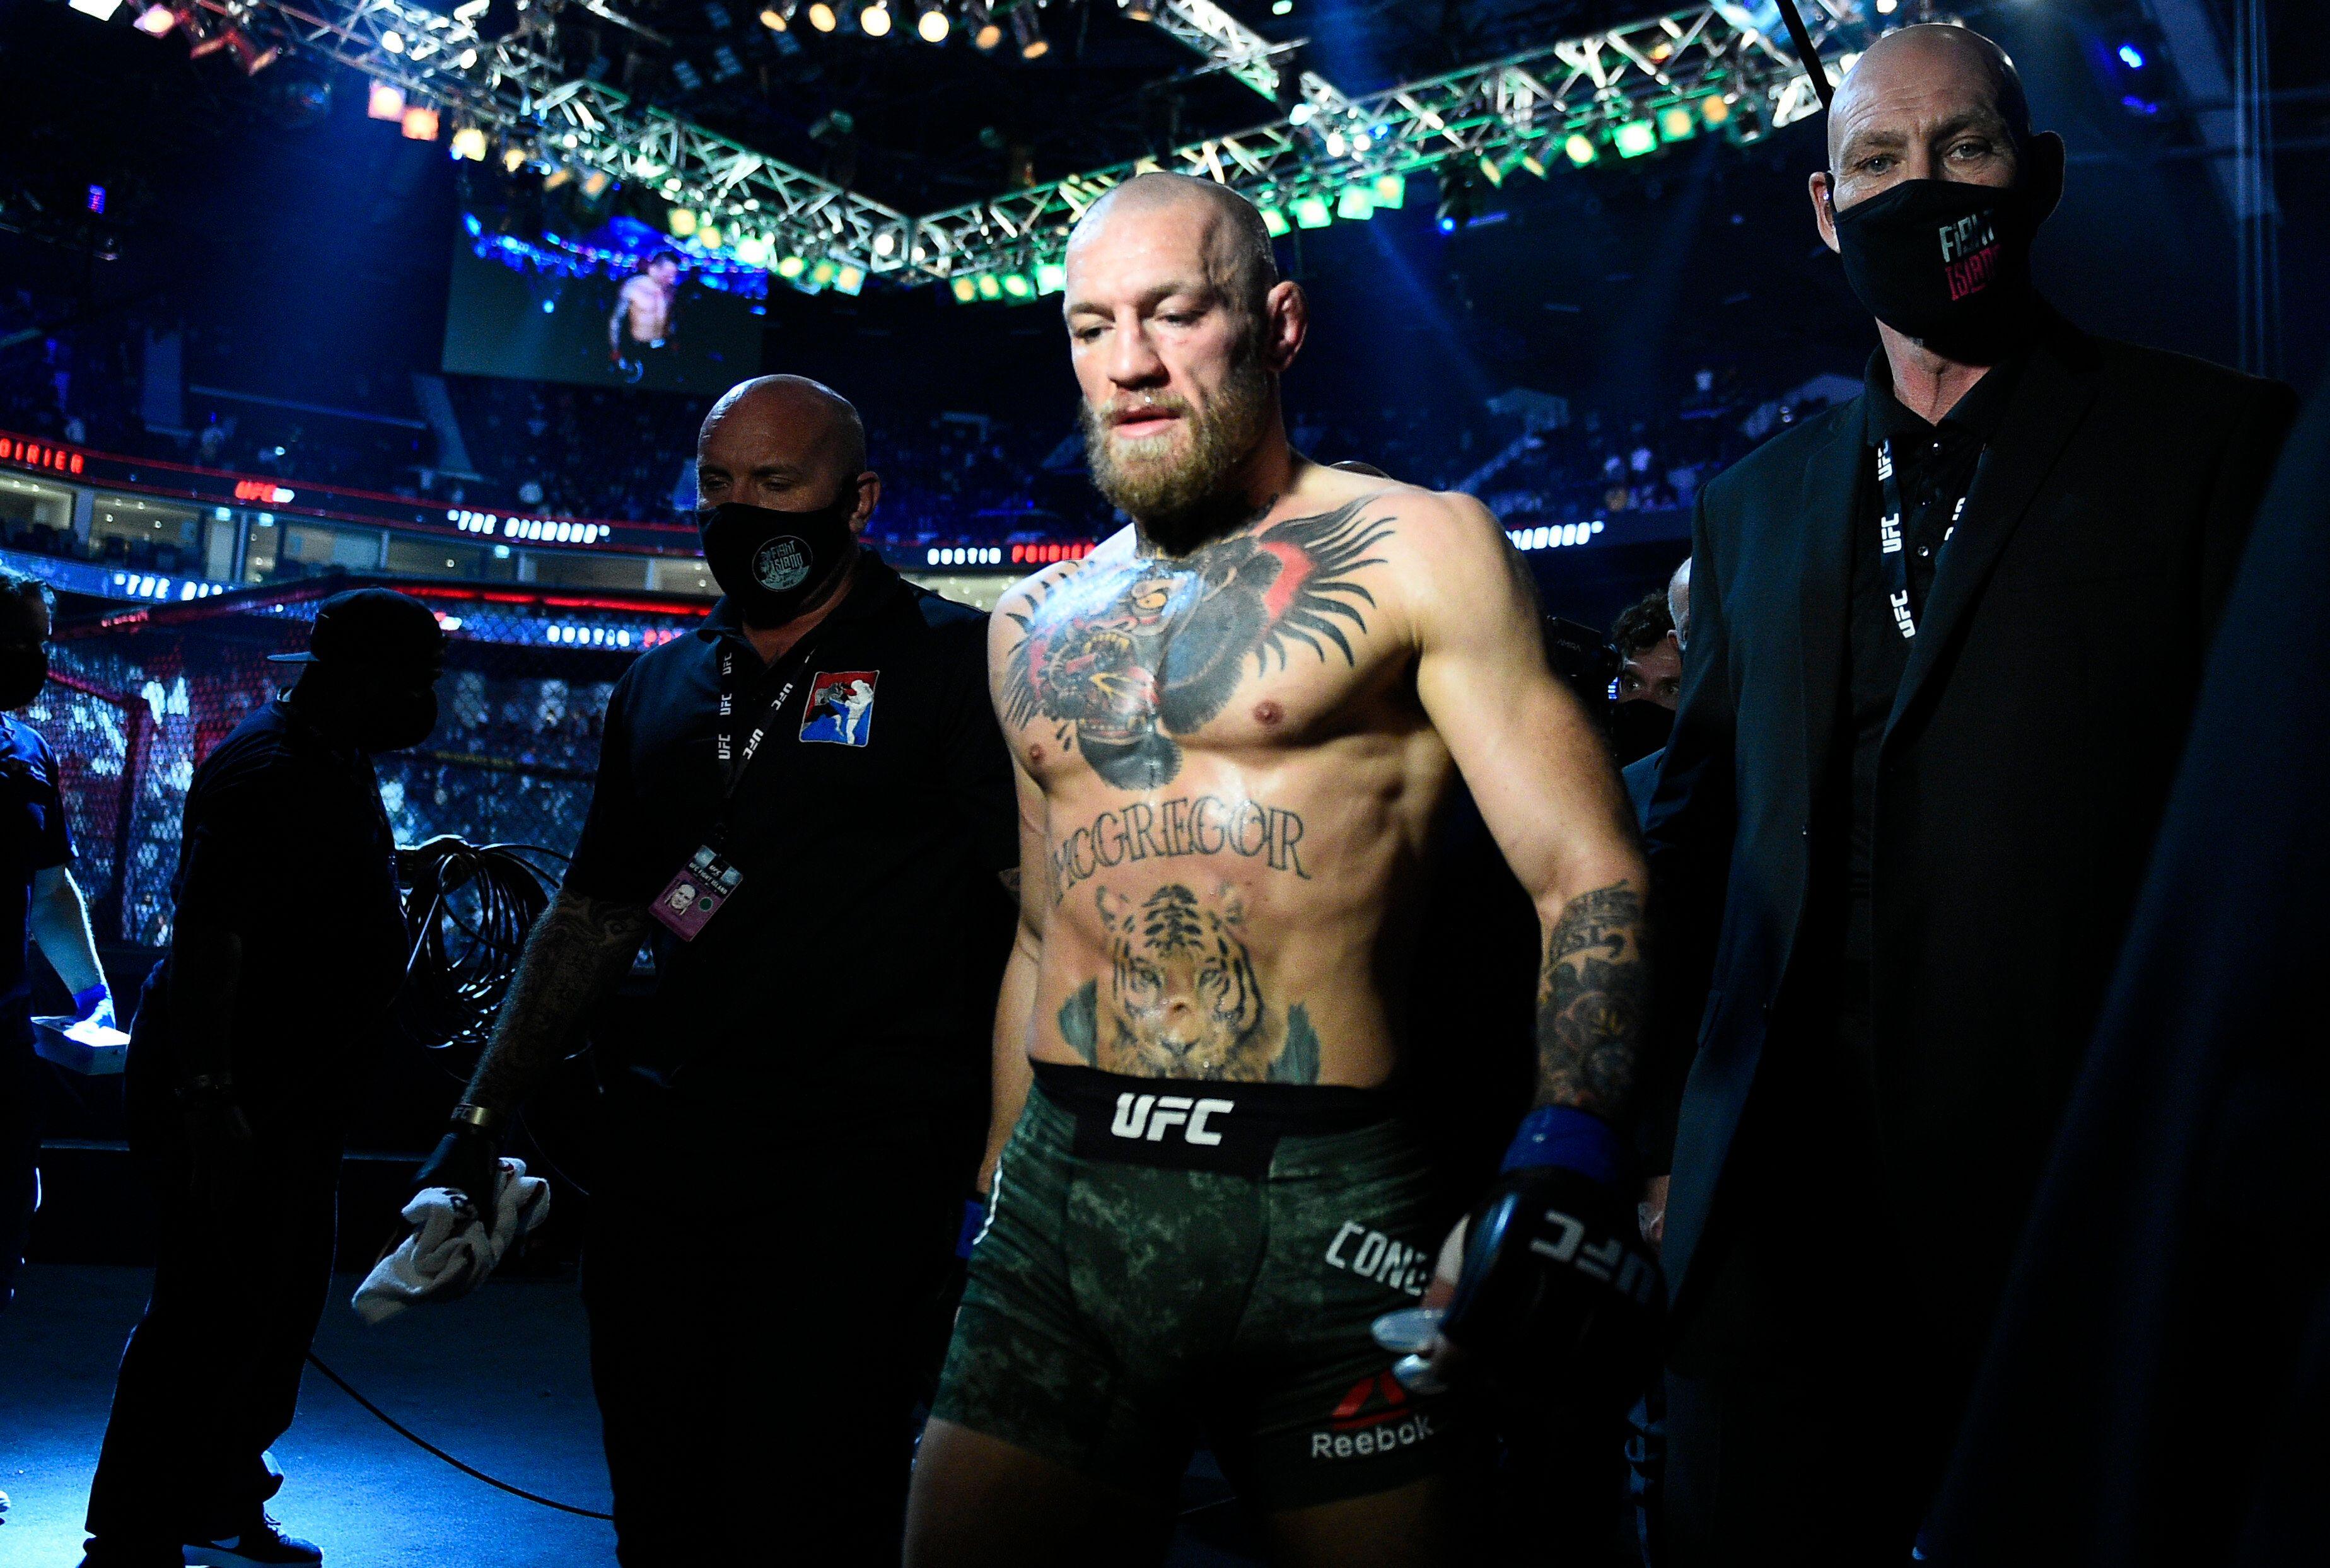 Ce 24 janvier, l'Irlandais Conor McGregor a été sèchement battu par Dustin Poirier...